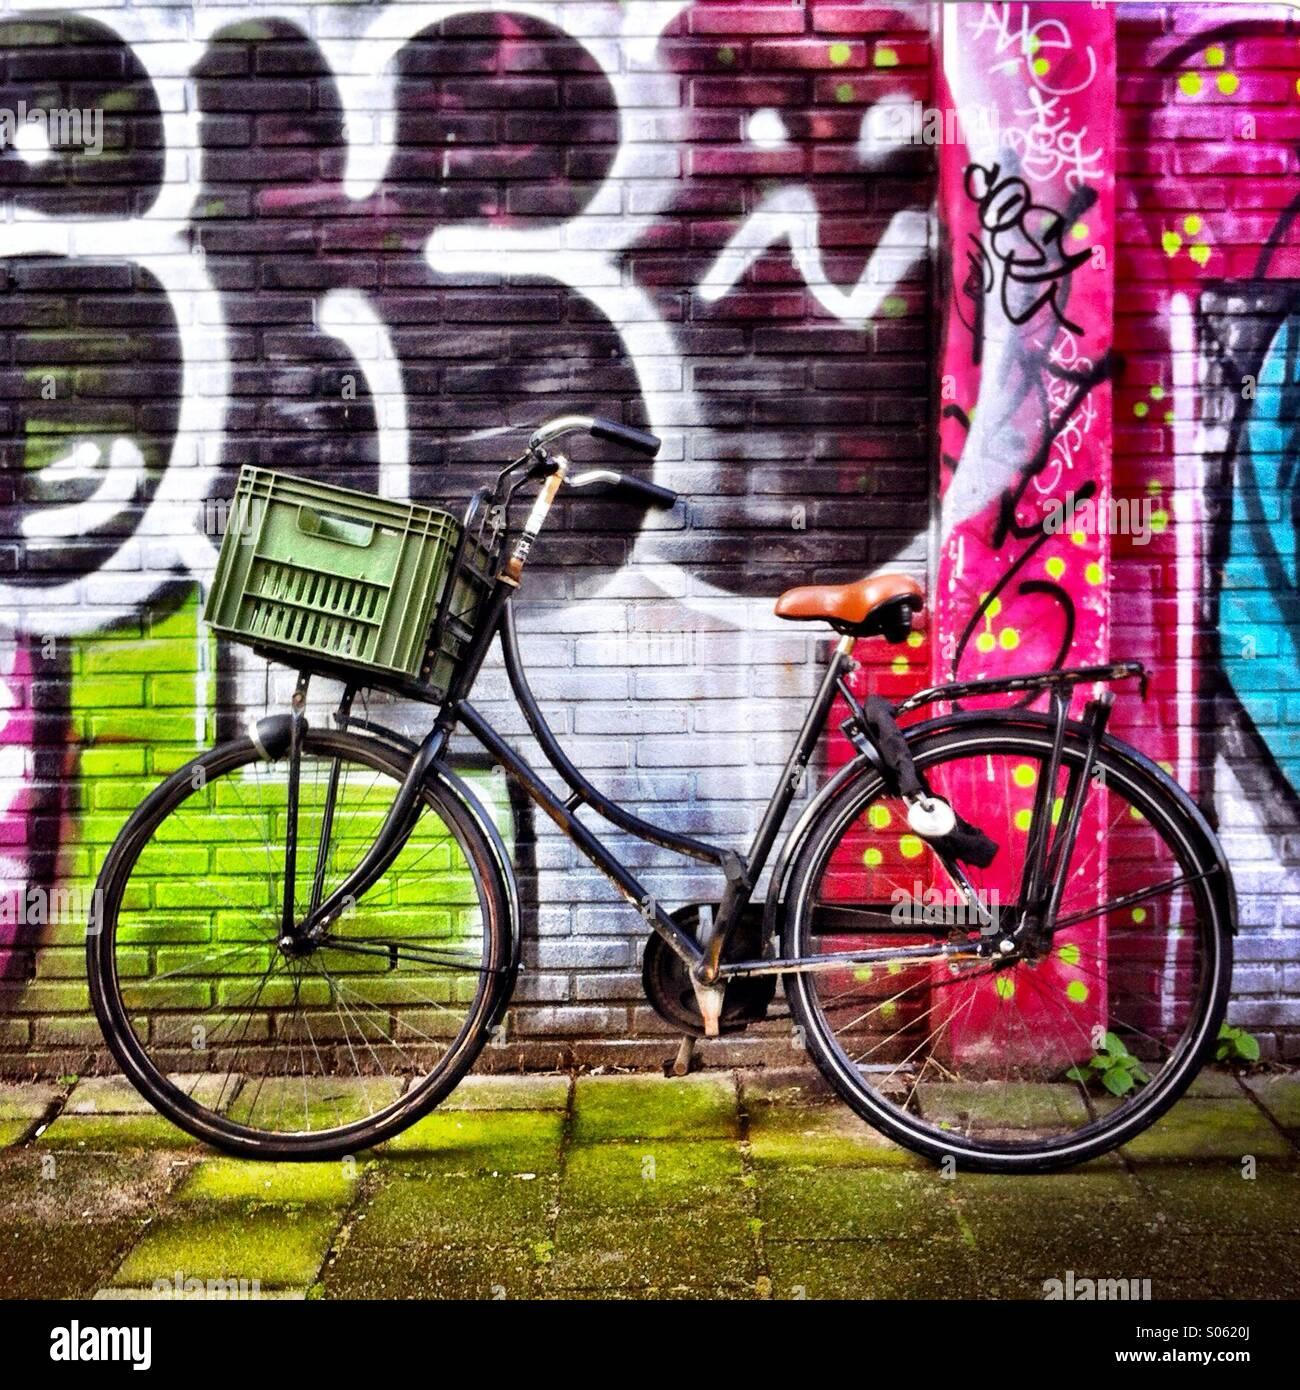 Graffiti wall amsterdam - A Bike Against A Wall With Graffiti On It Amsterdam Netherlands